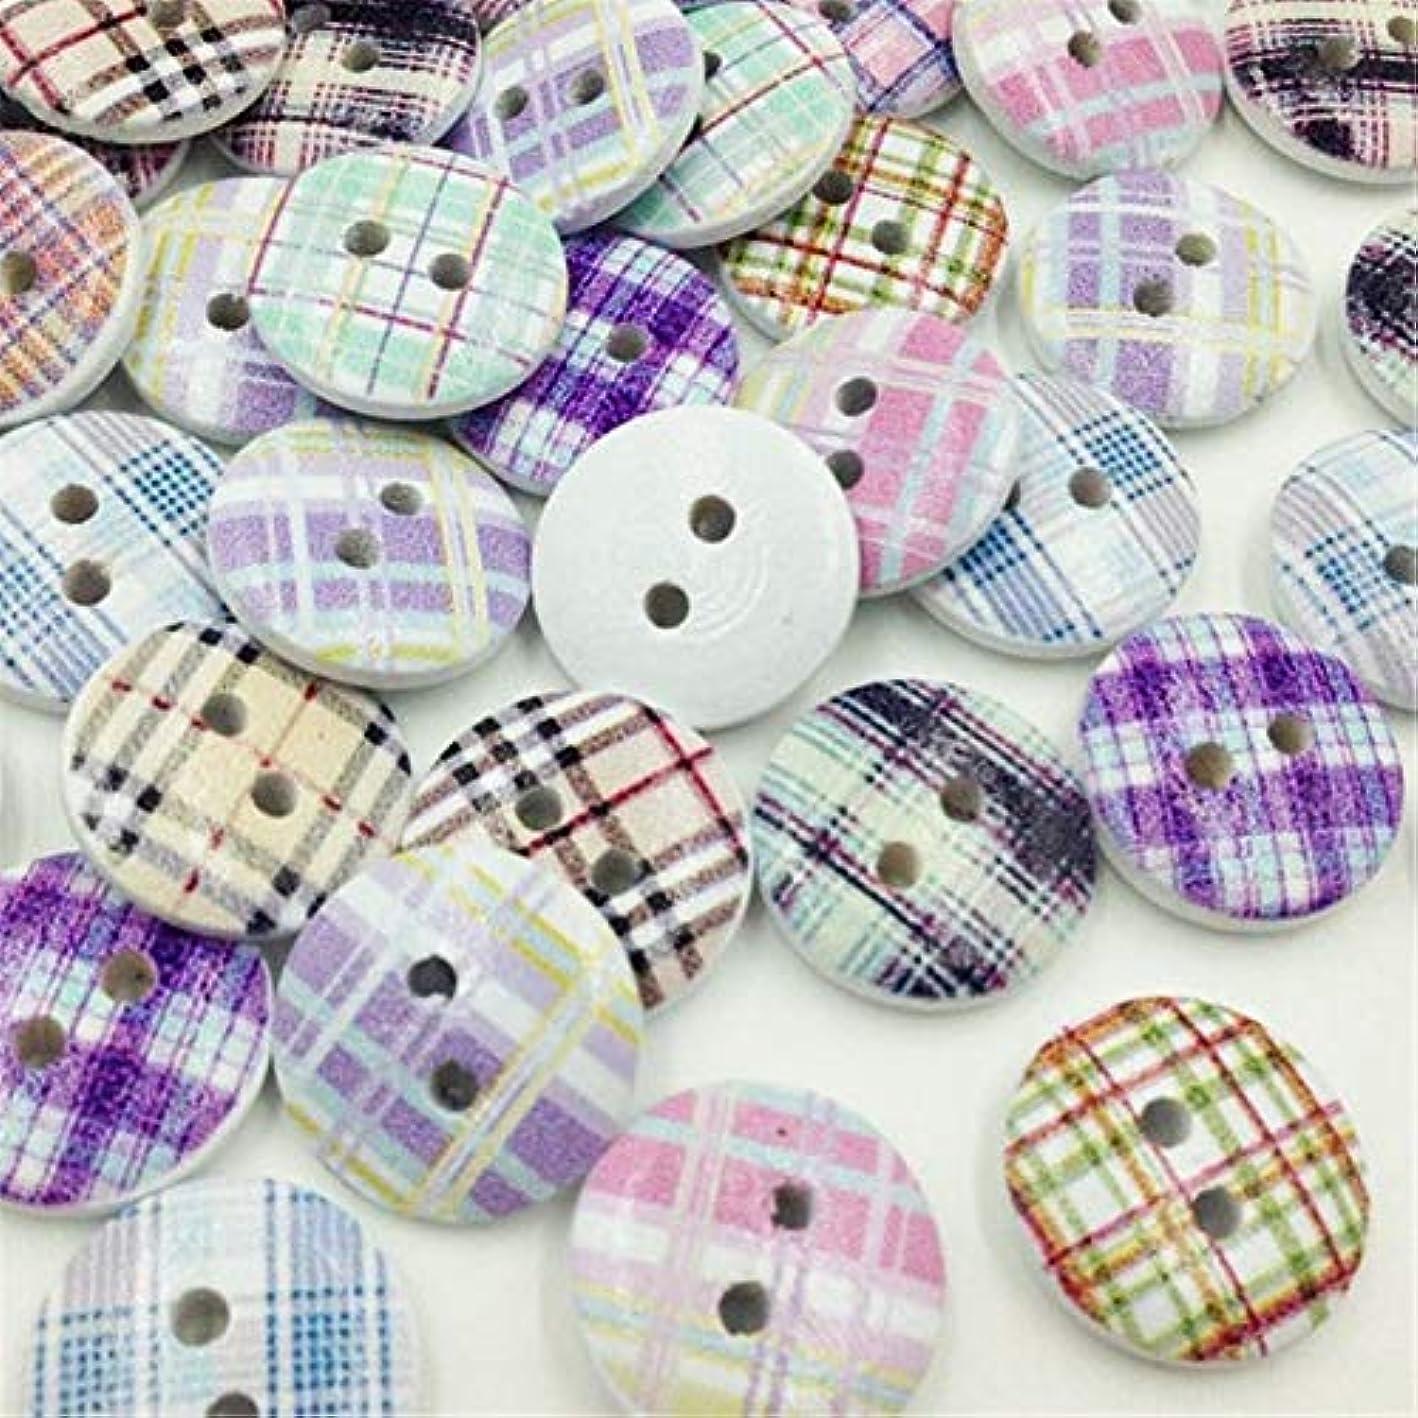 弱まる果てしないインポートPropenary - グリッドウッドボタン縫製子供のクラフトミックスロットスクラップブッキング